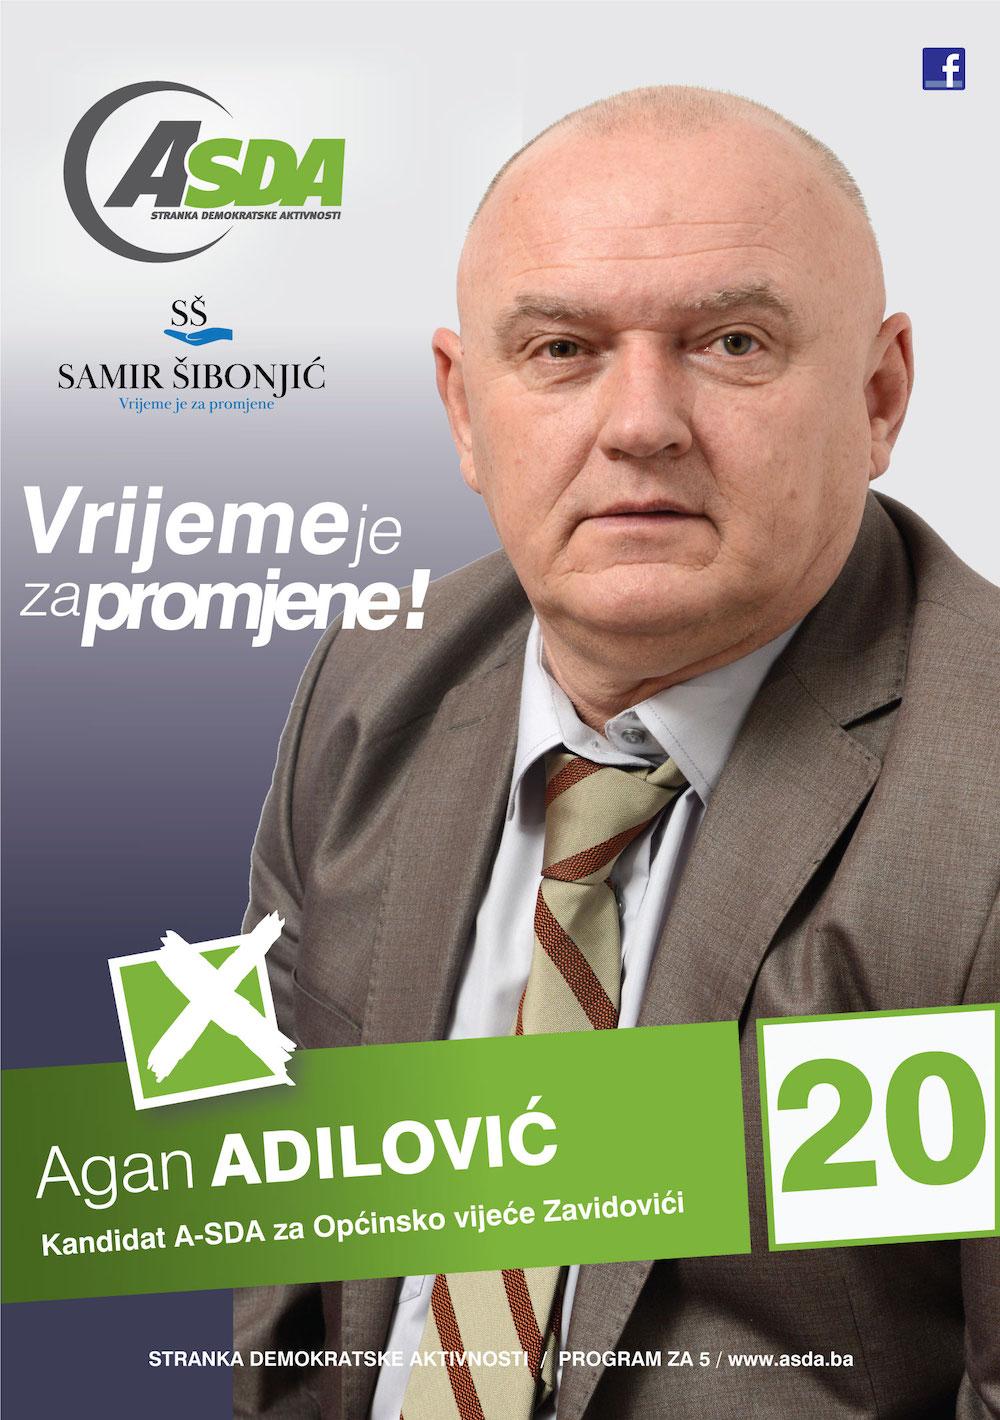 Agan Adilović